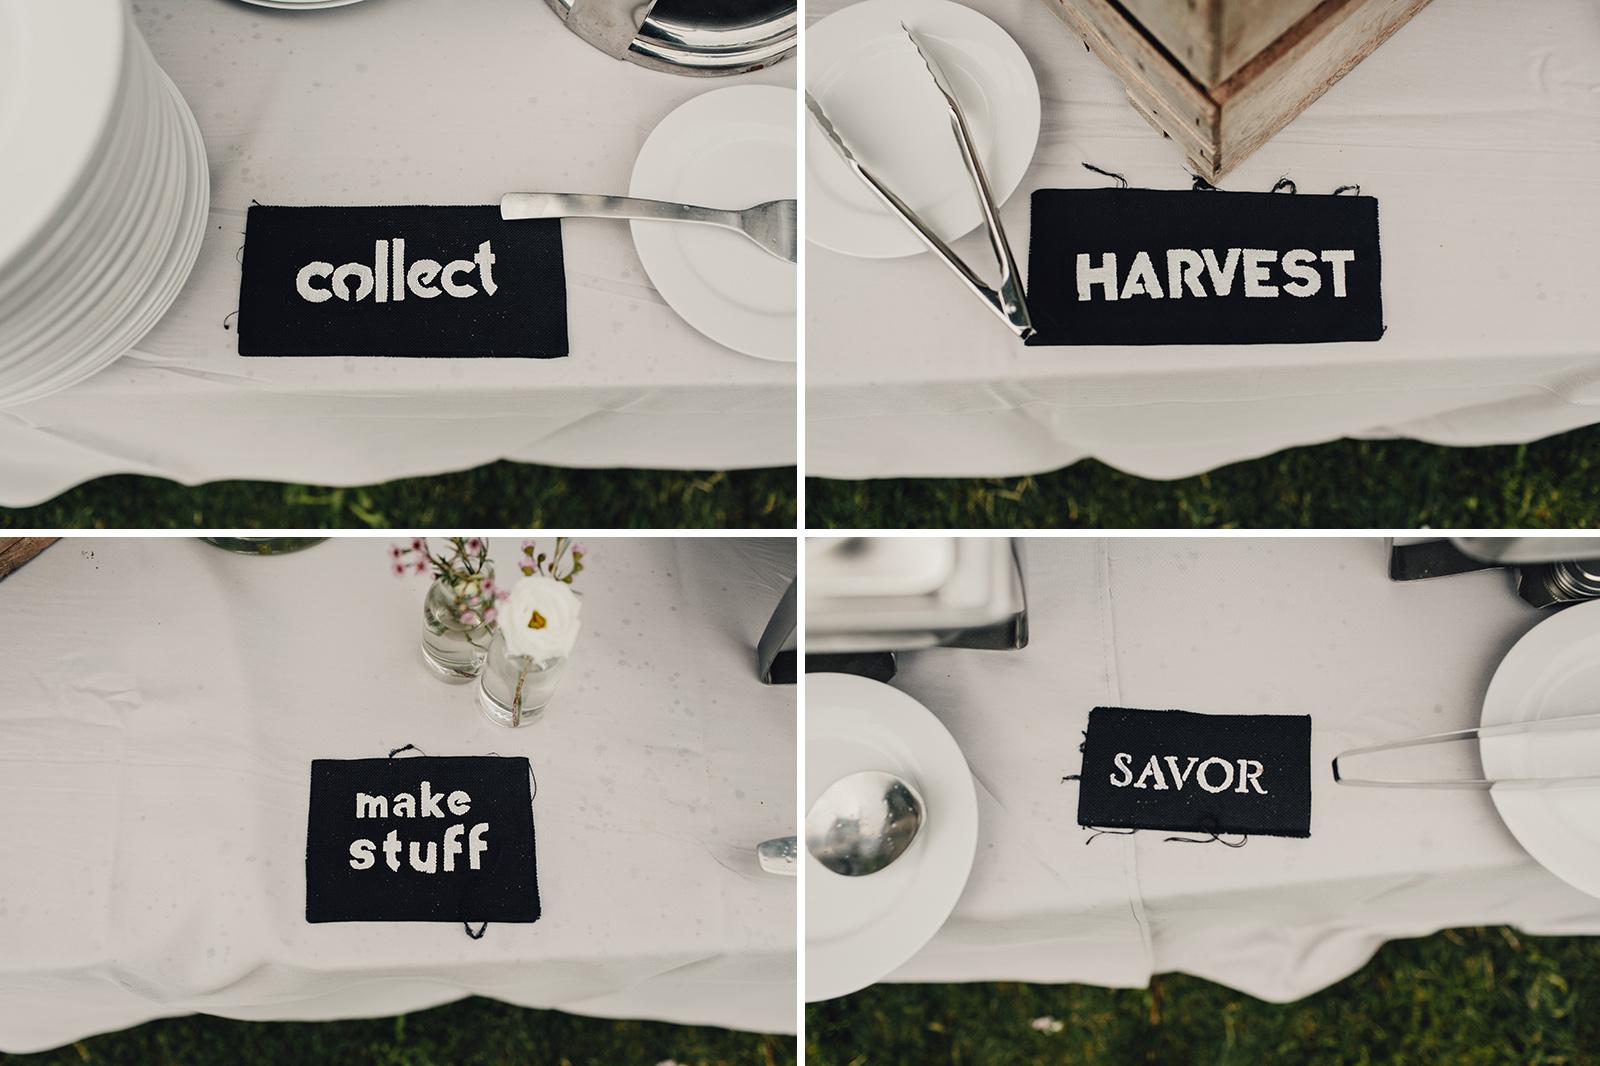 harvest-savour-feast